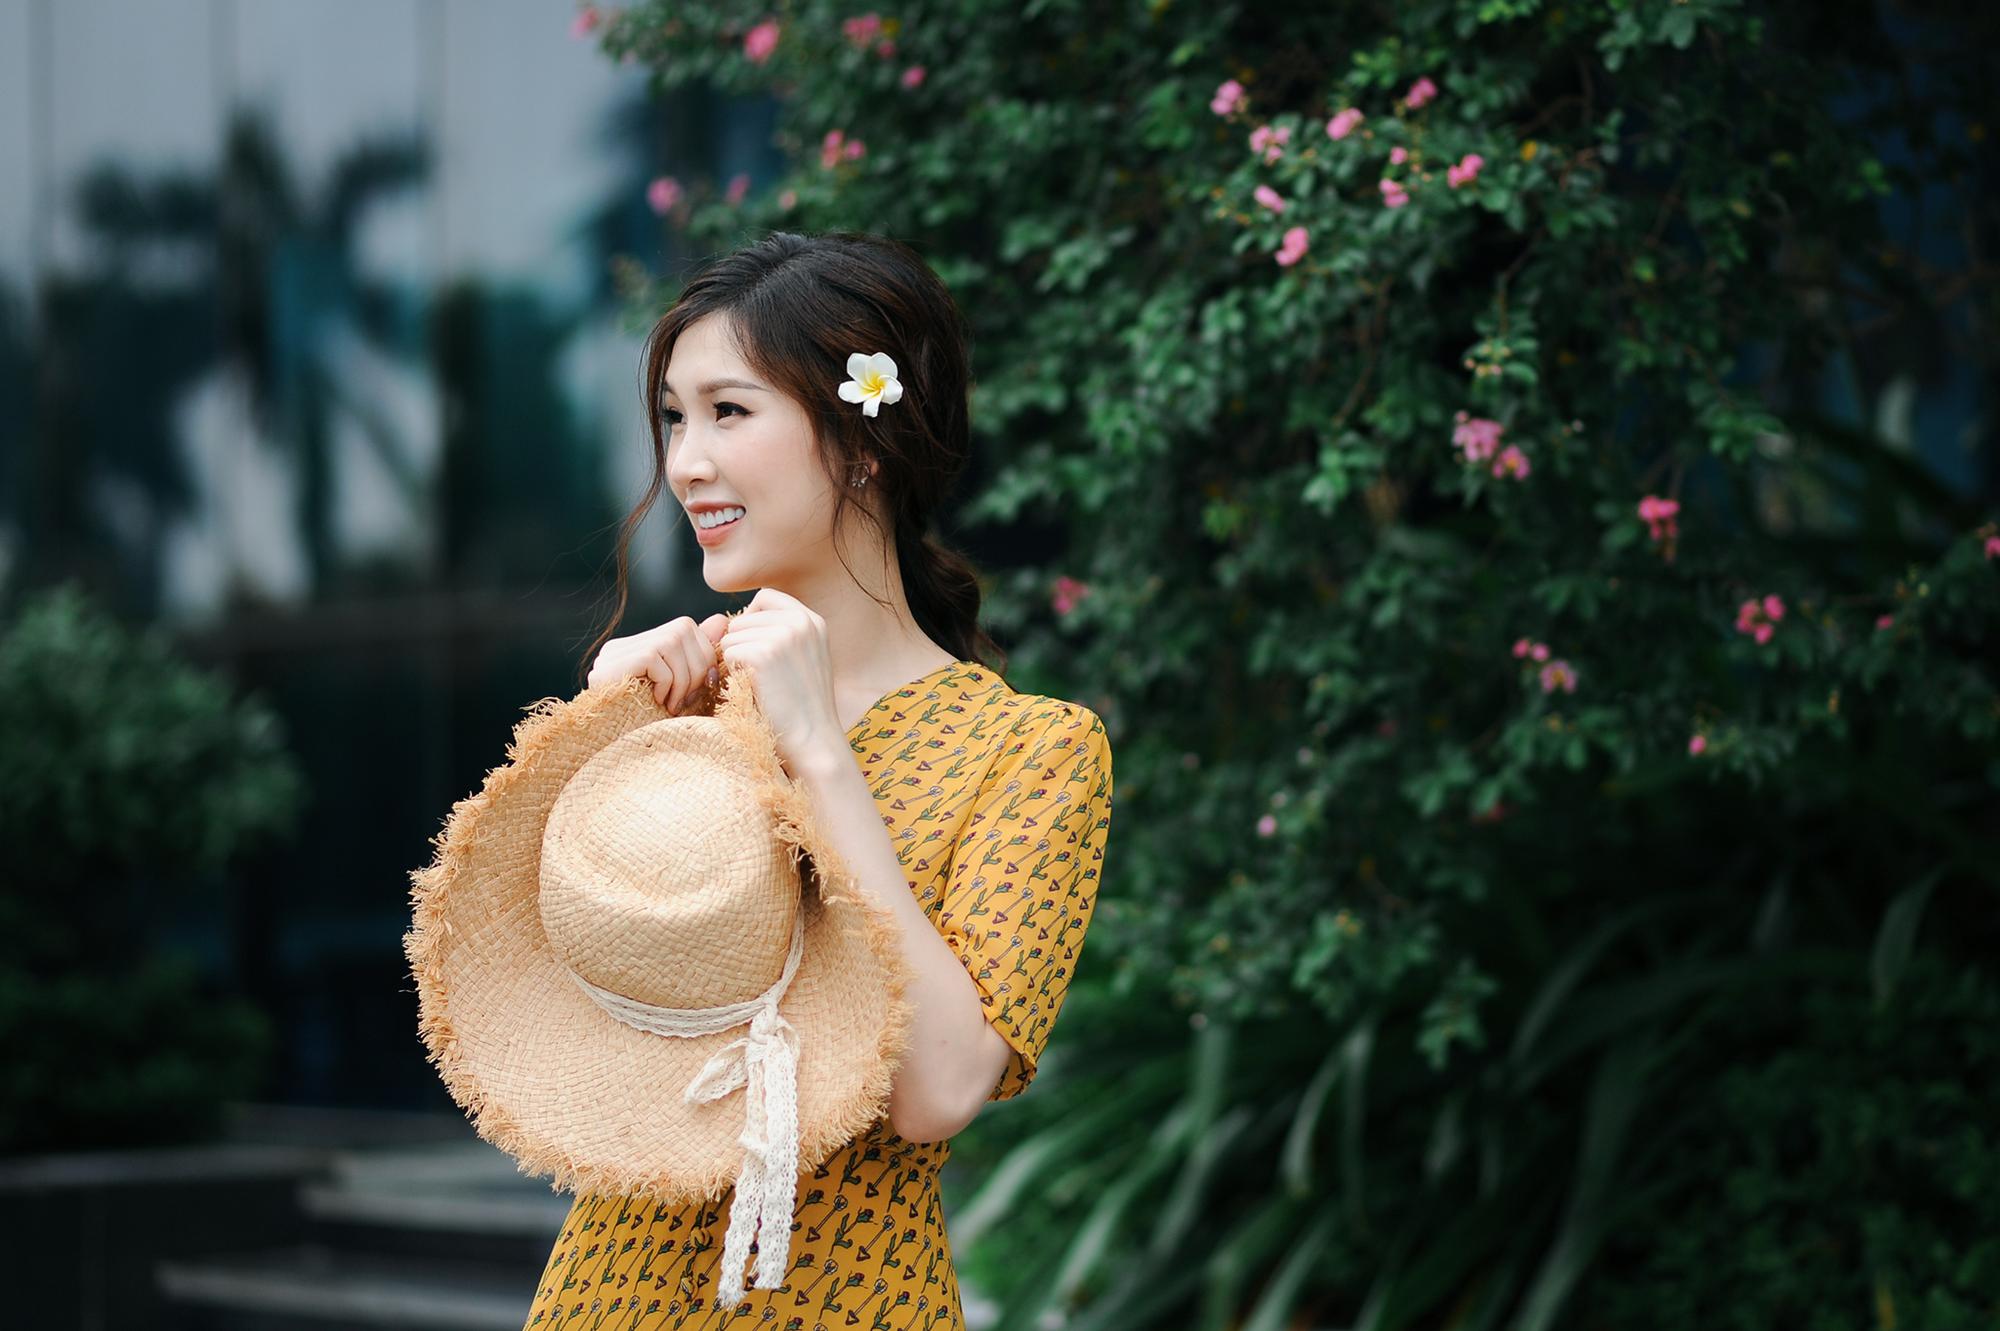 Dọa bị sảy thai, từng bị băng huyết, Hoa hậu Phí Thùy Linh vẫn ước ao sinh thêm con - Ảnh 4.